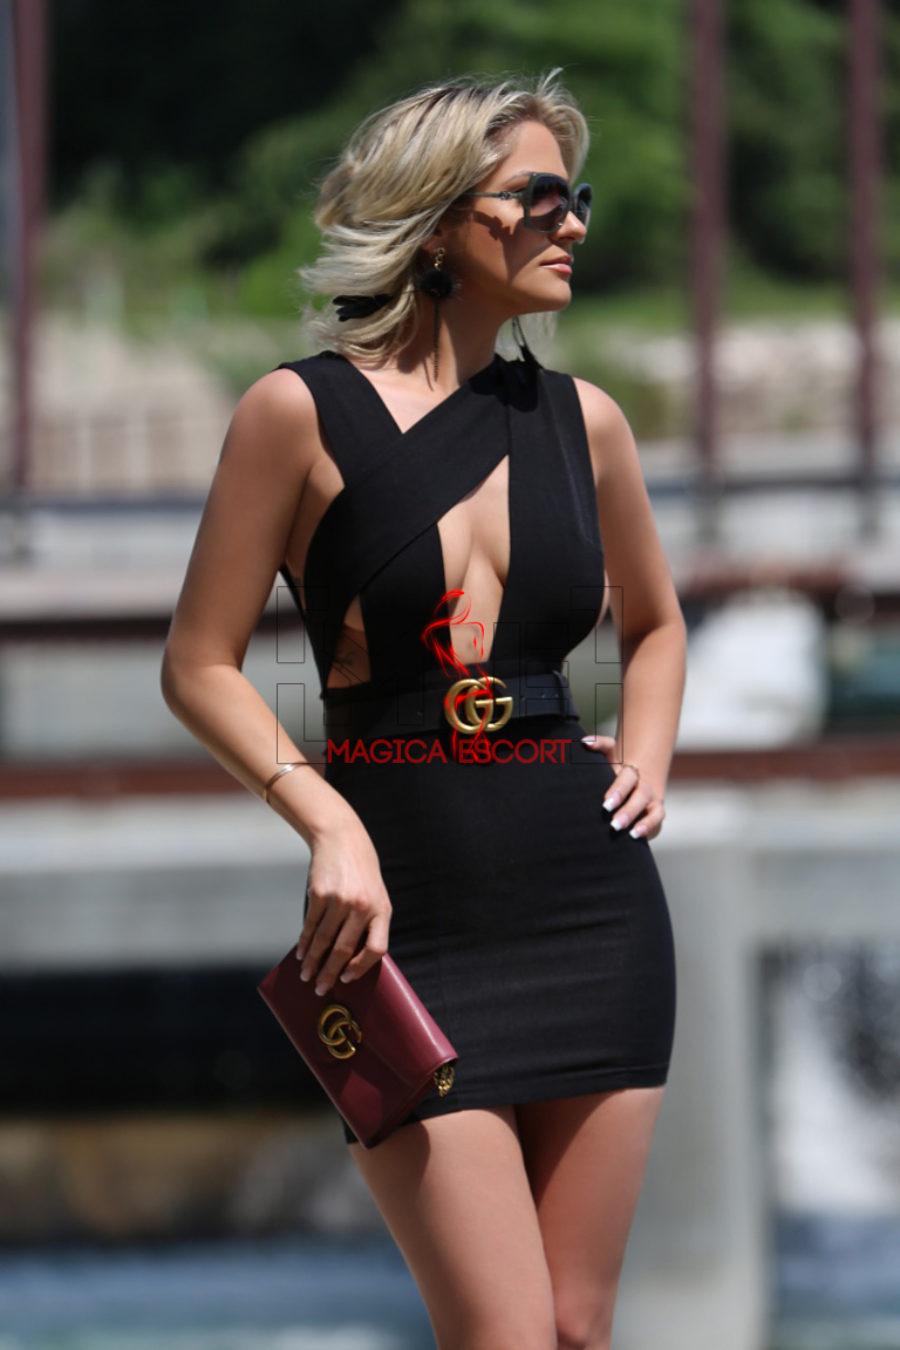 Lara Crof escort Bergamo top class è elegantissima con questo vestitino nero scollato.